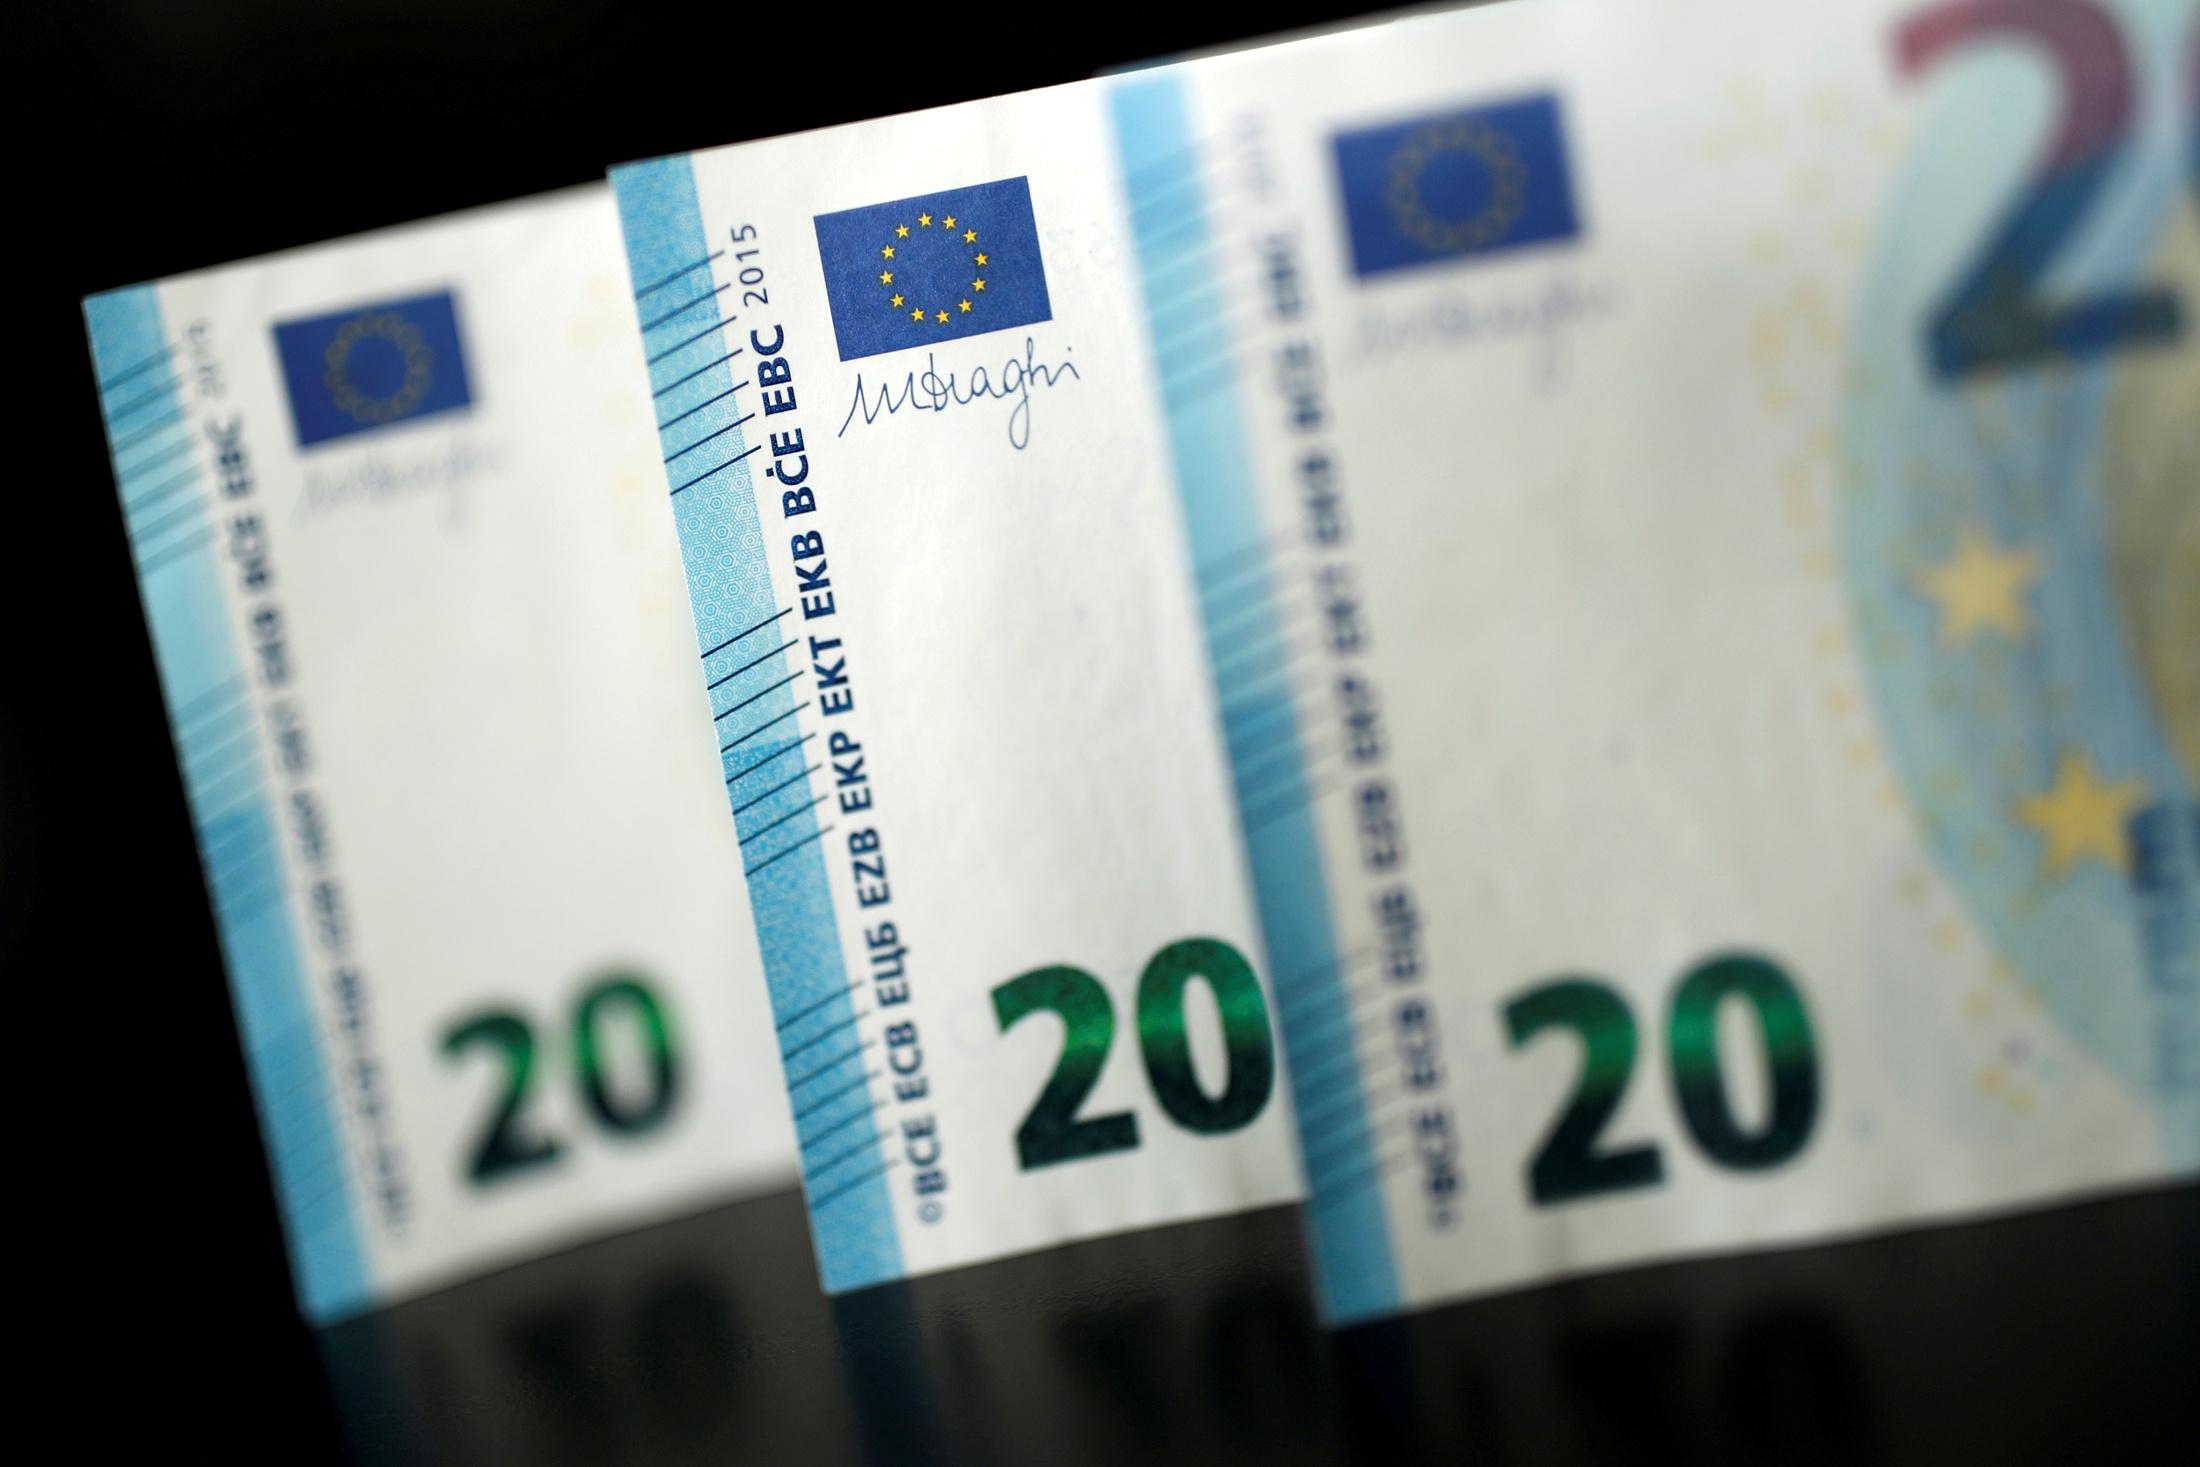 Μεγάλη ζήτηση για τα 5ετή και 30ετή ομόλογα: Στα 14 δισ. ευρώ οι προσφορές